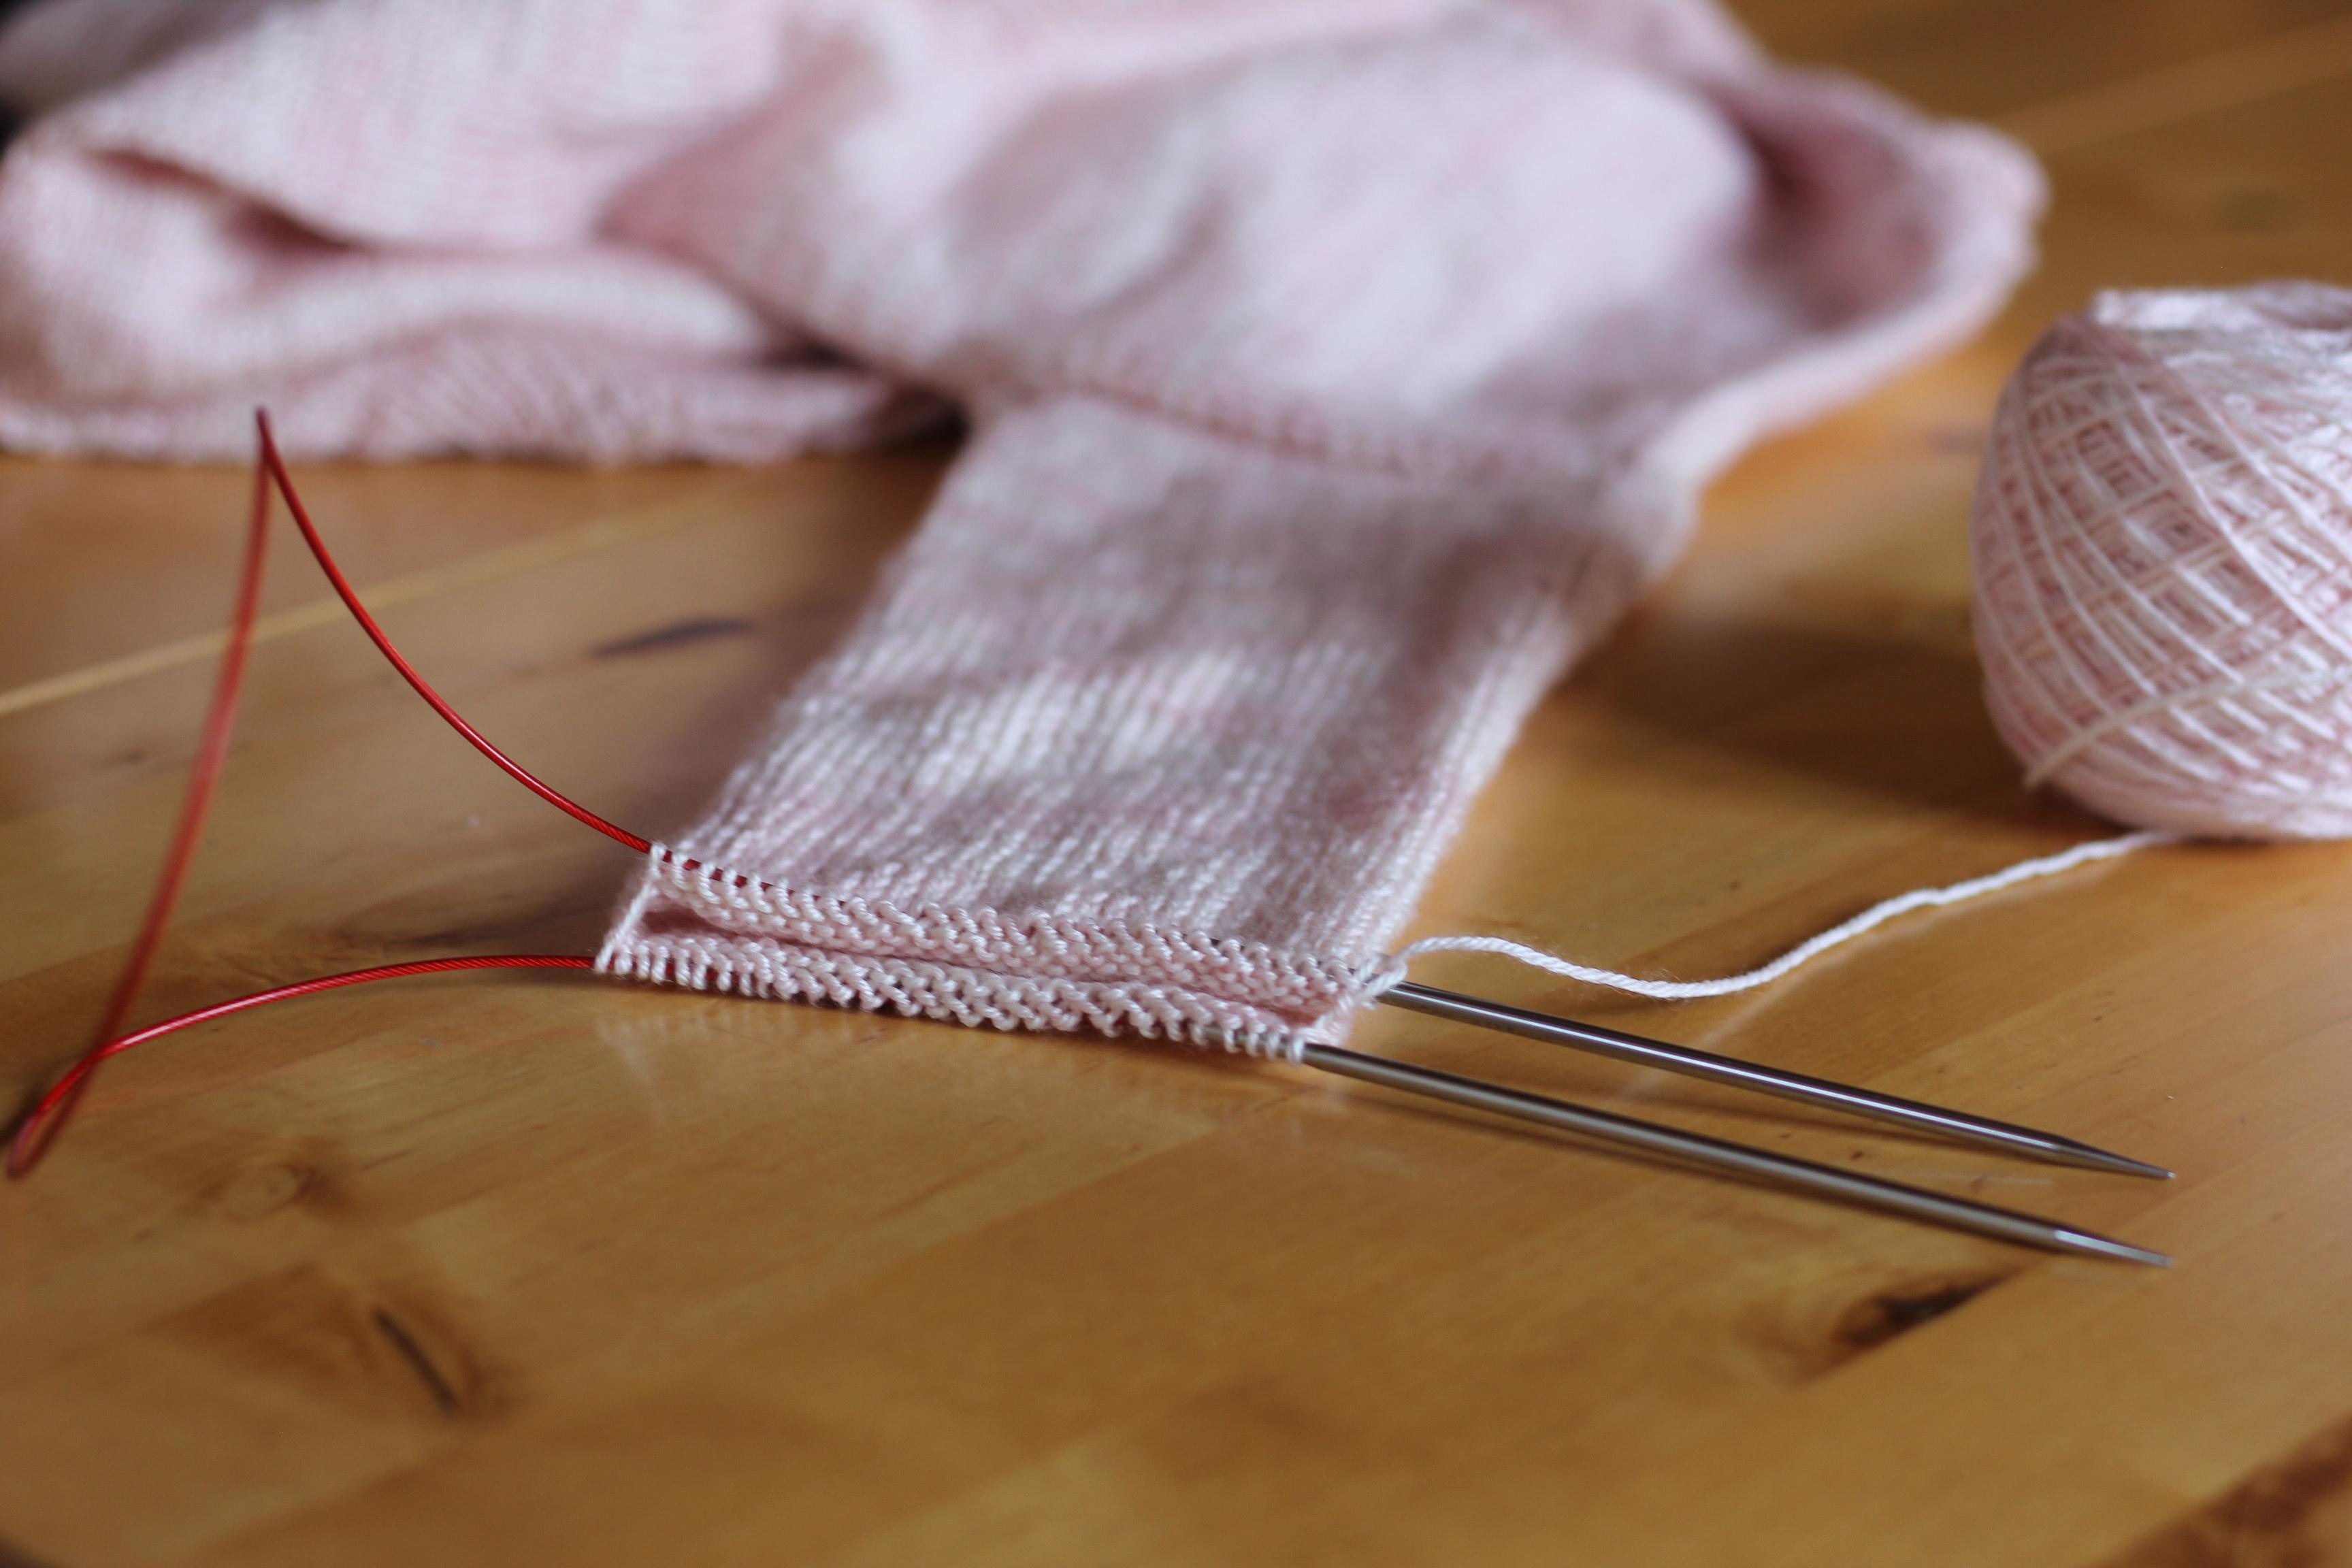 Apprendre à tricoter en rond - Magic Loop- Blog tricot